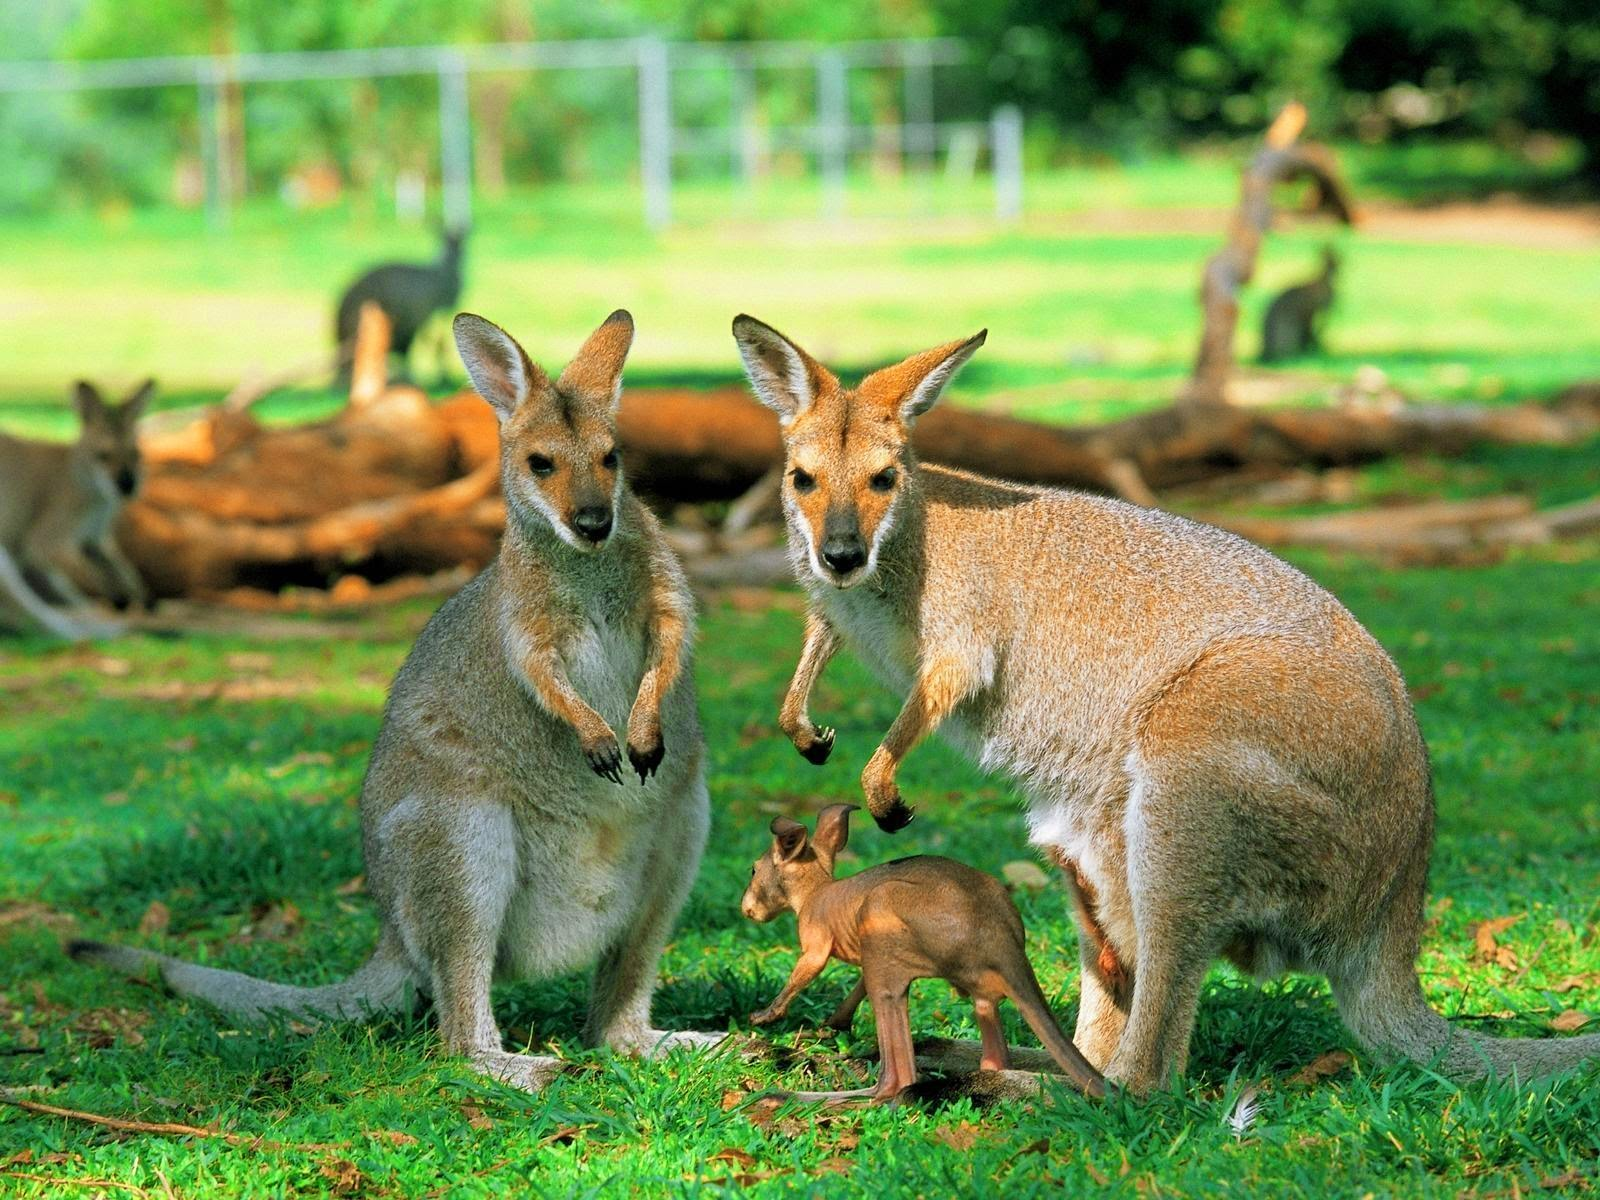 Kangaroo - HD Wallpapers | Earth Blog